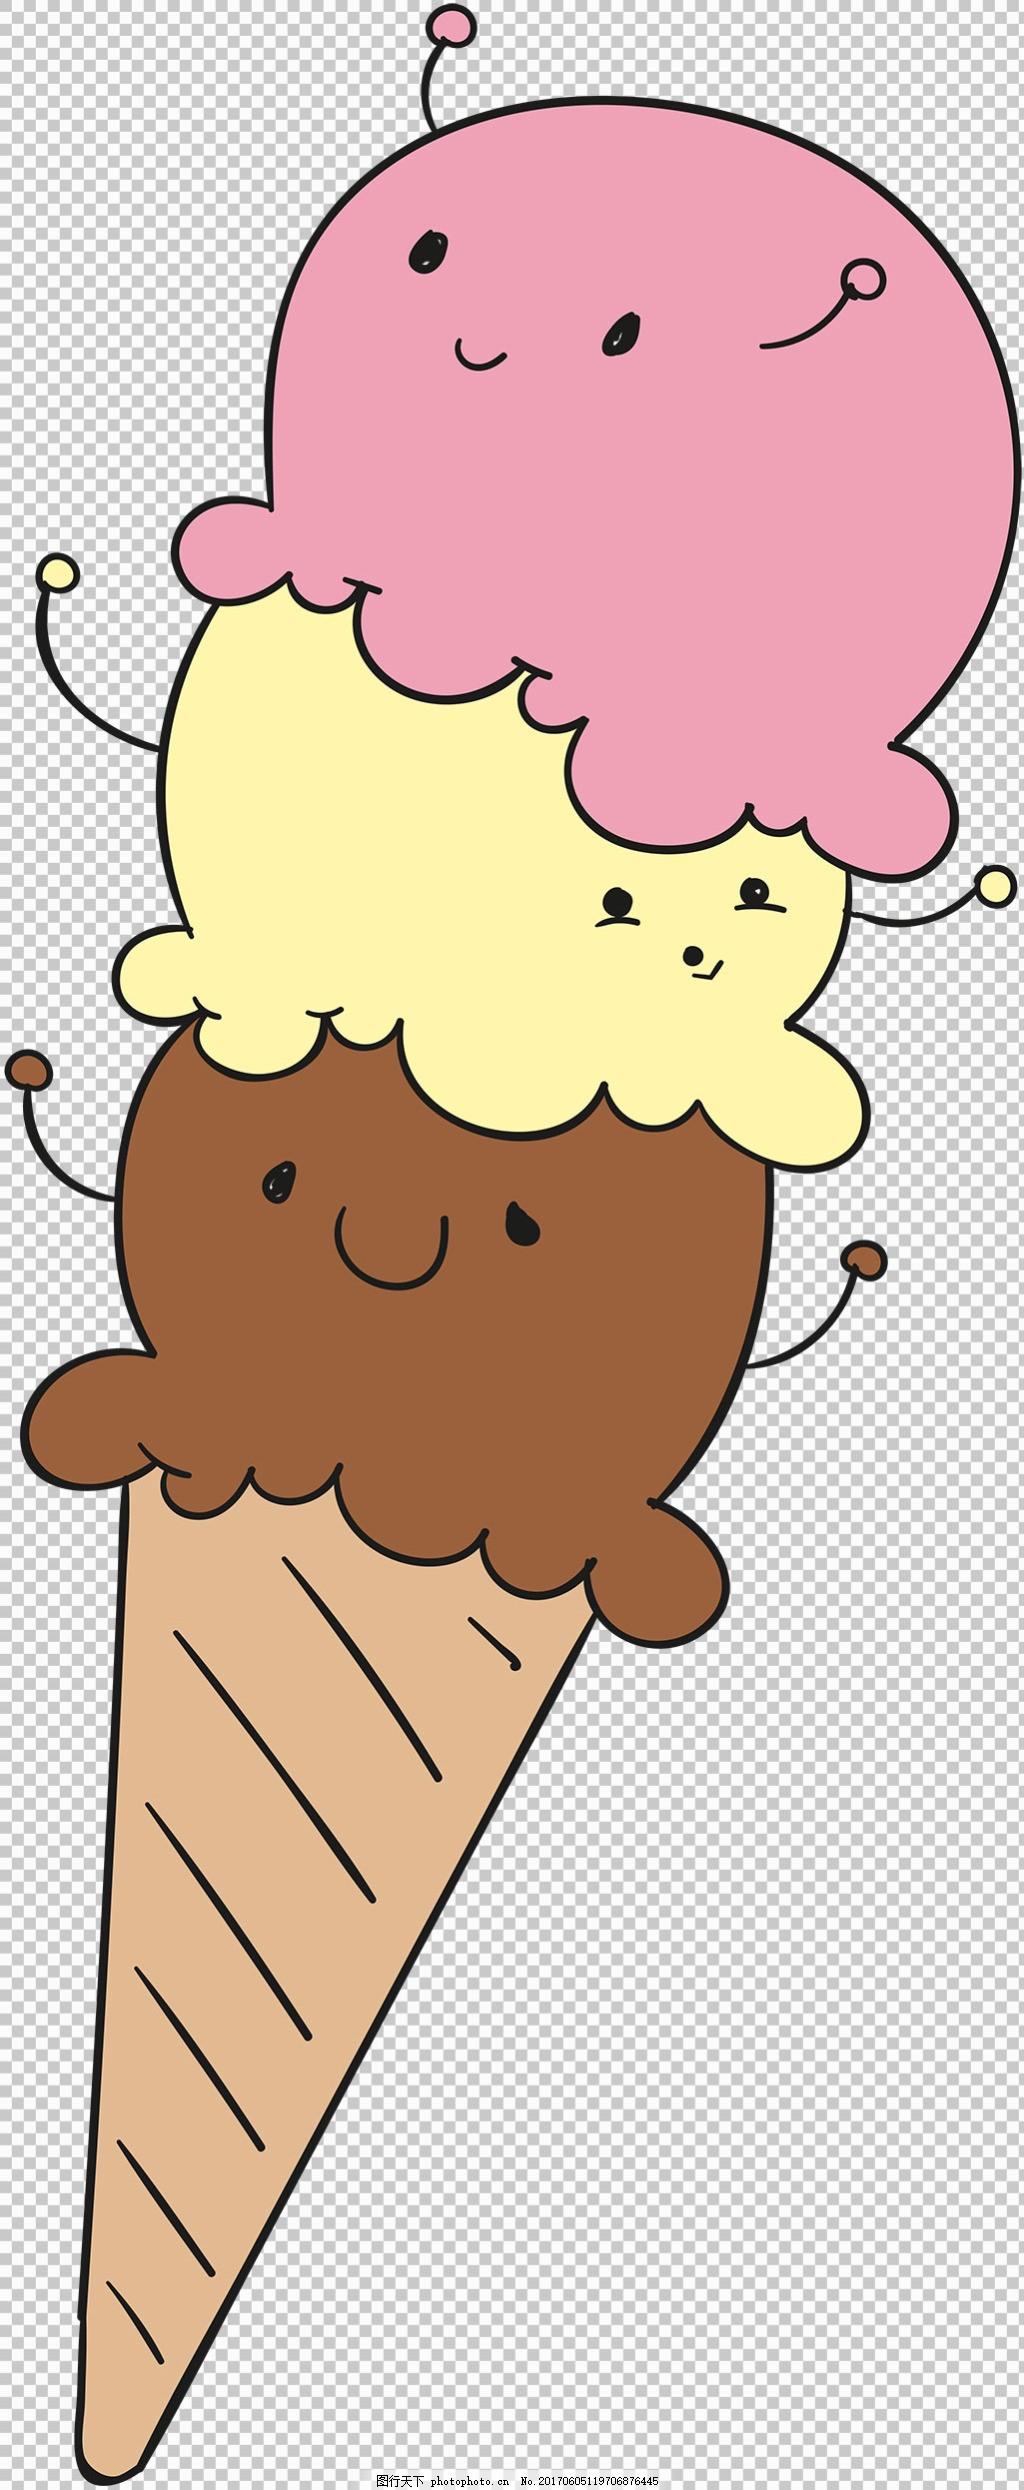 手绘可爱表情冰淇淋免抠png透明图层素材